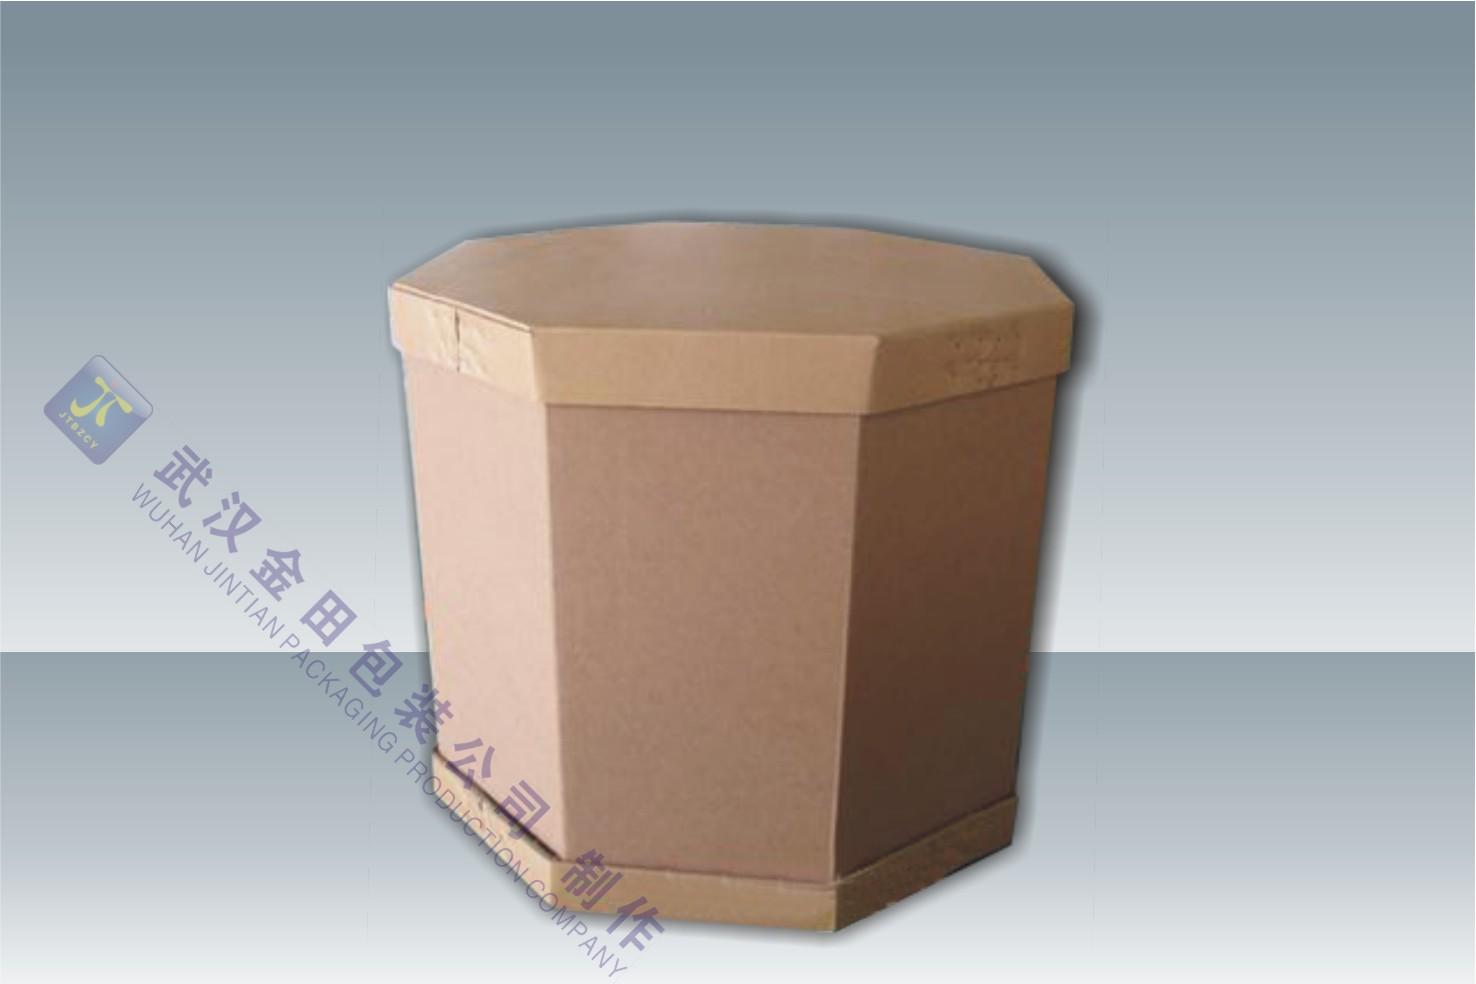 武漢紙箱廠,武漢紙箱定做,武漢瓦楞紙箱,武漢工業專用紙箱